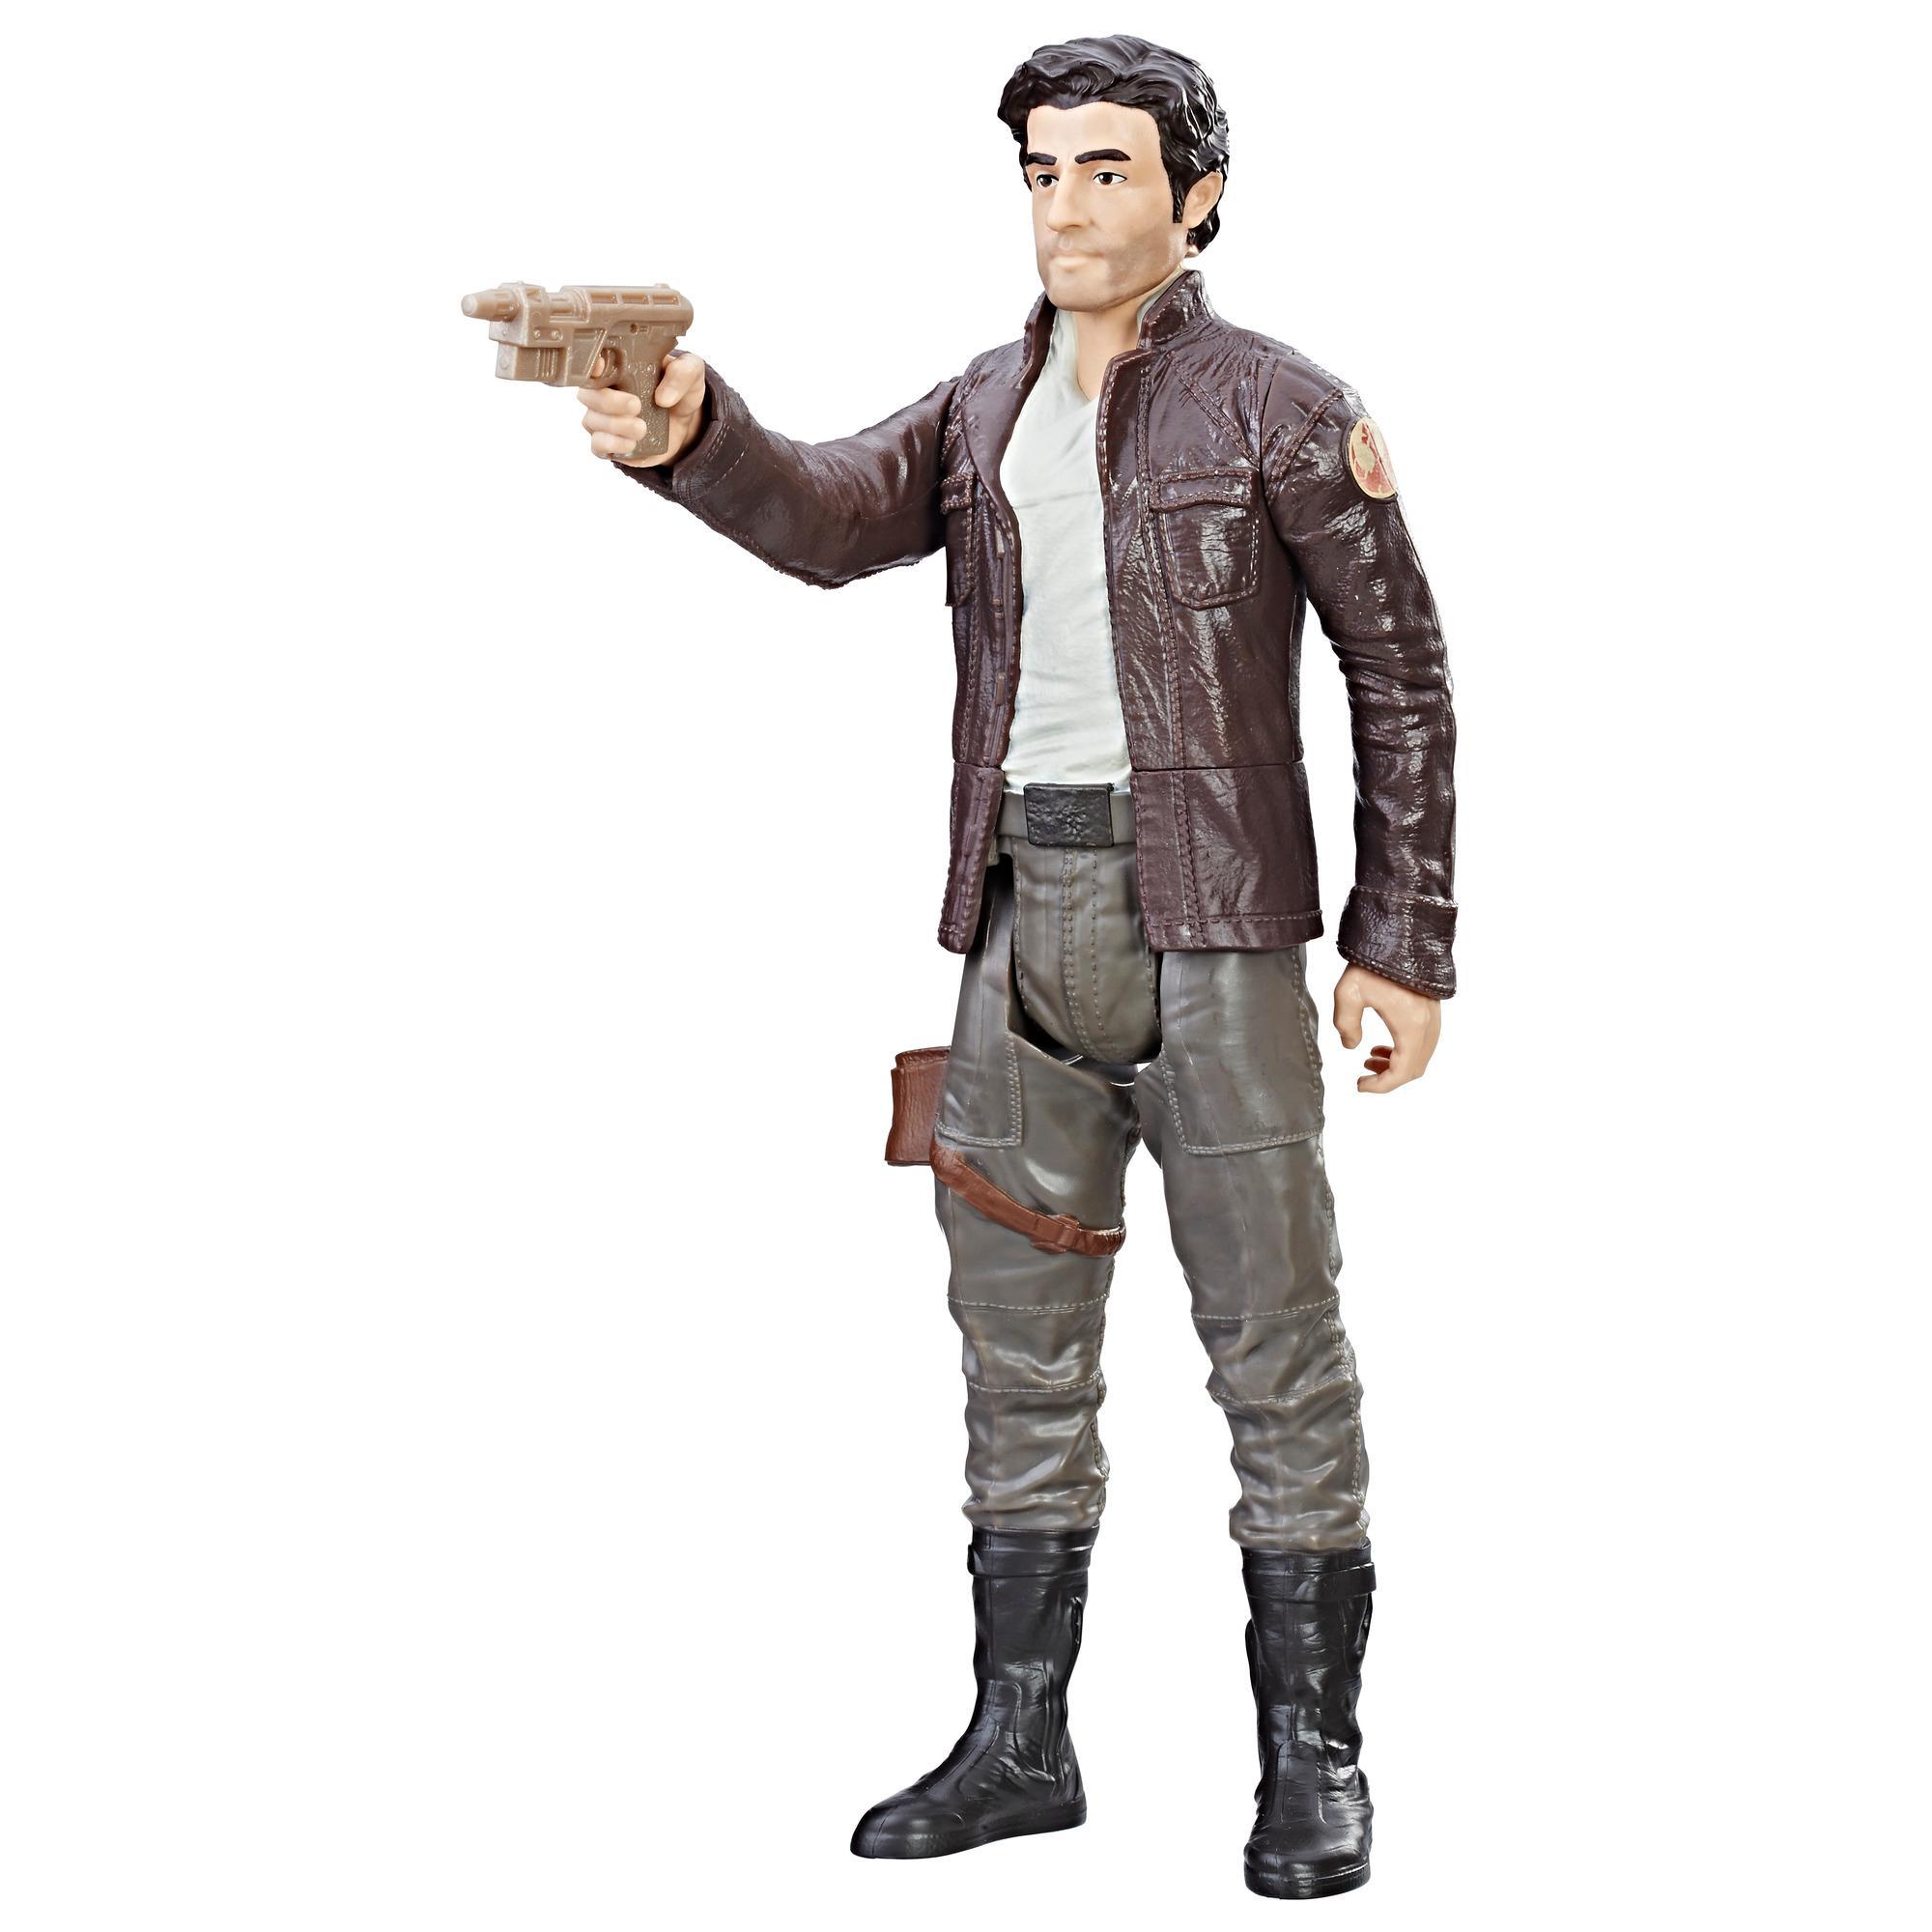 Star Wars: Los últimos Jedi - Capitán Poe Dameron - Figura de 30 cm